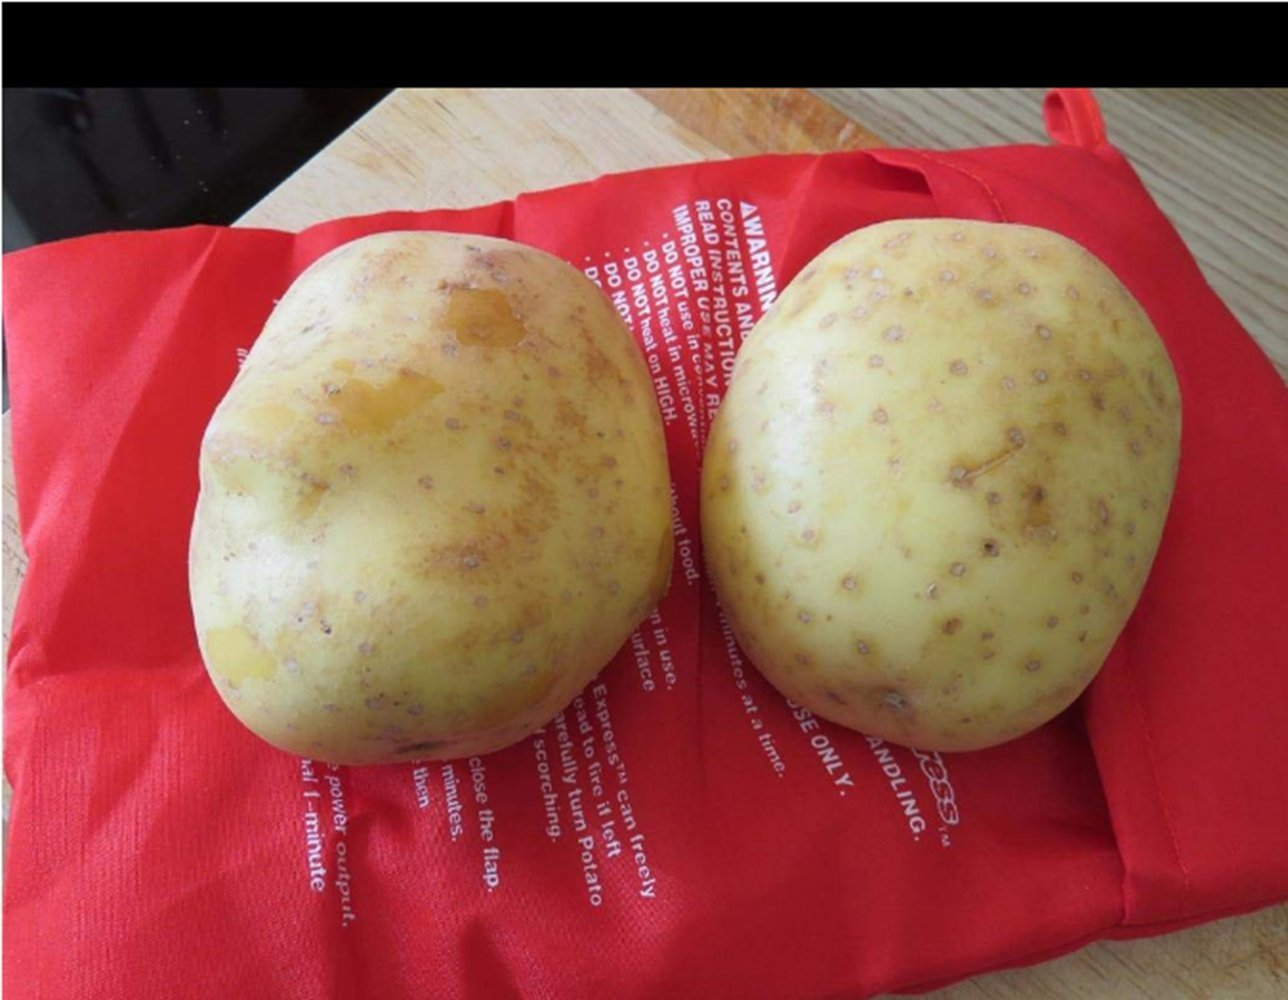 Bolsa para Patatas en Microondas bolsa de patatas EXPRESS horno Baked Potato bolsa 4 minutos rápido lavable a COOK, reutilizable, pack de 2 small